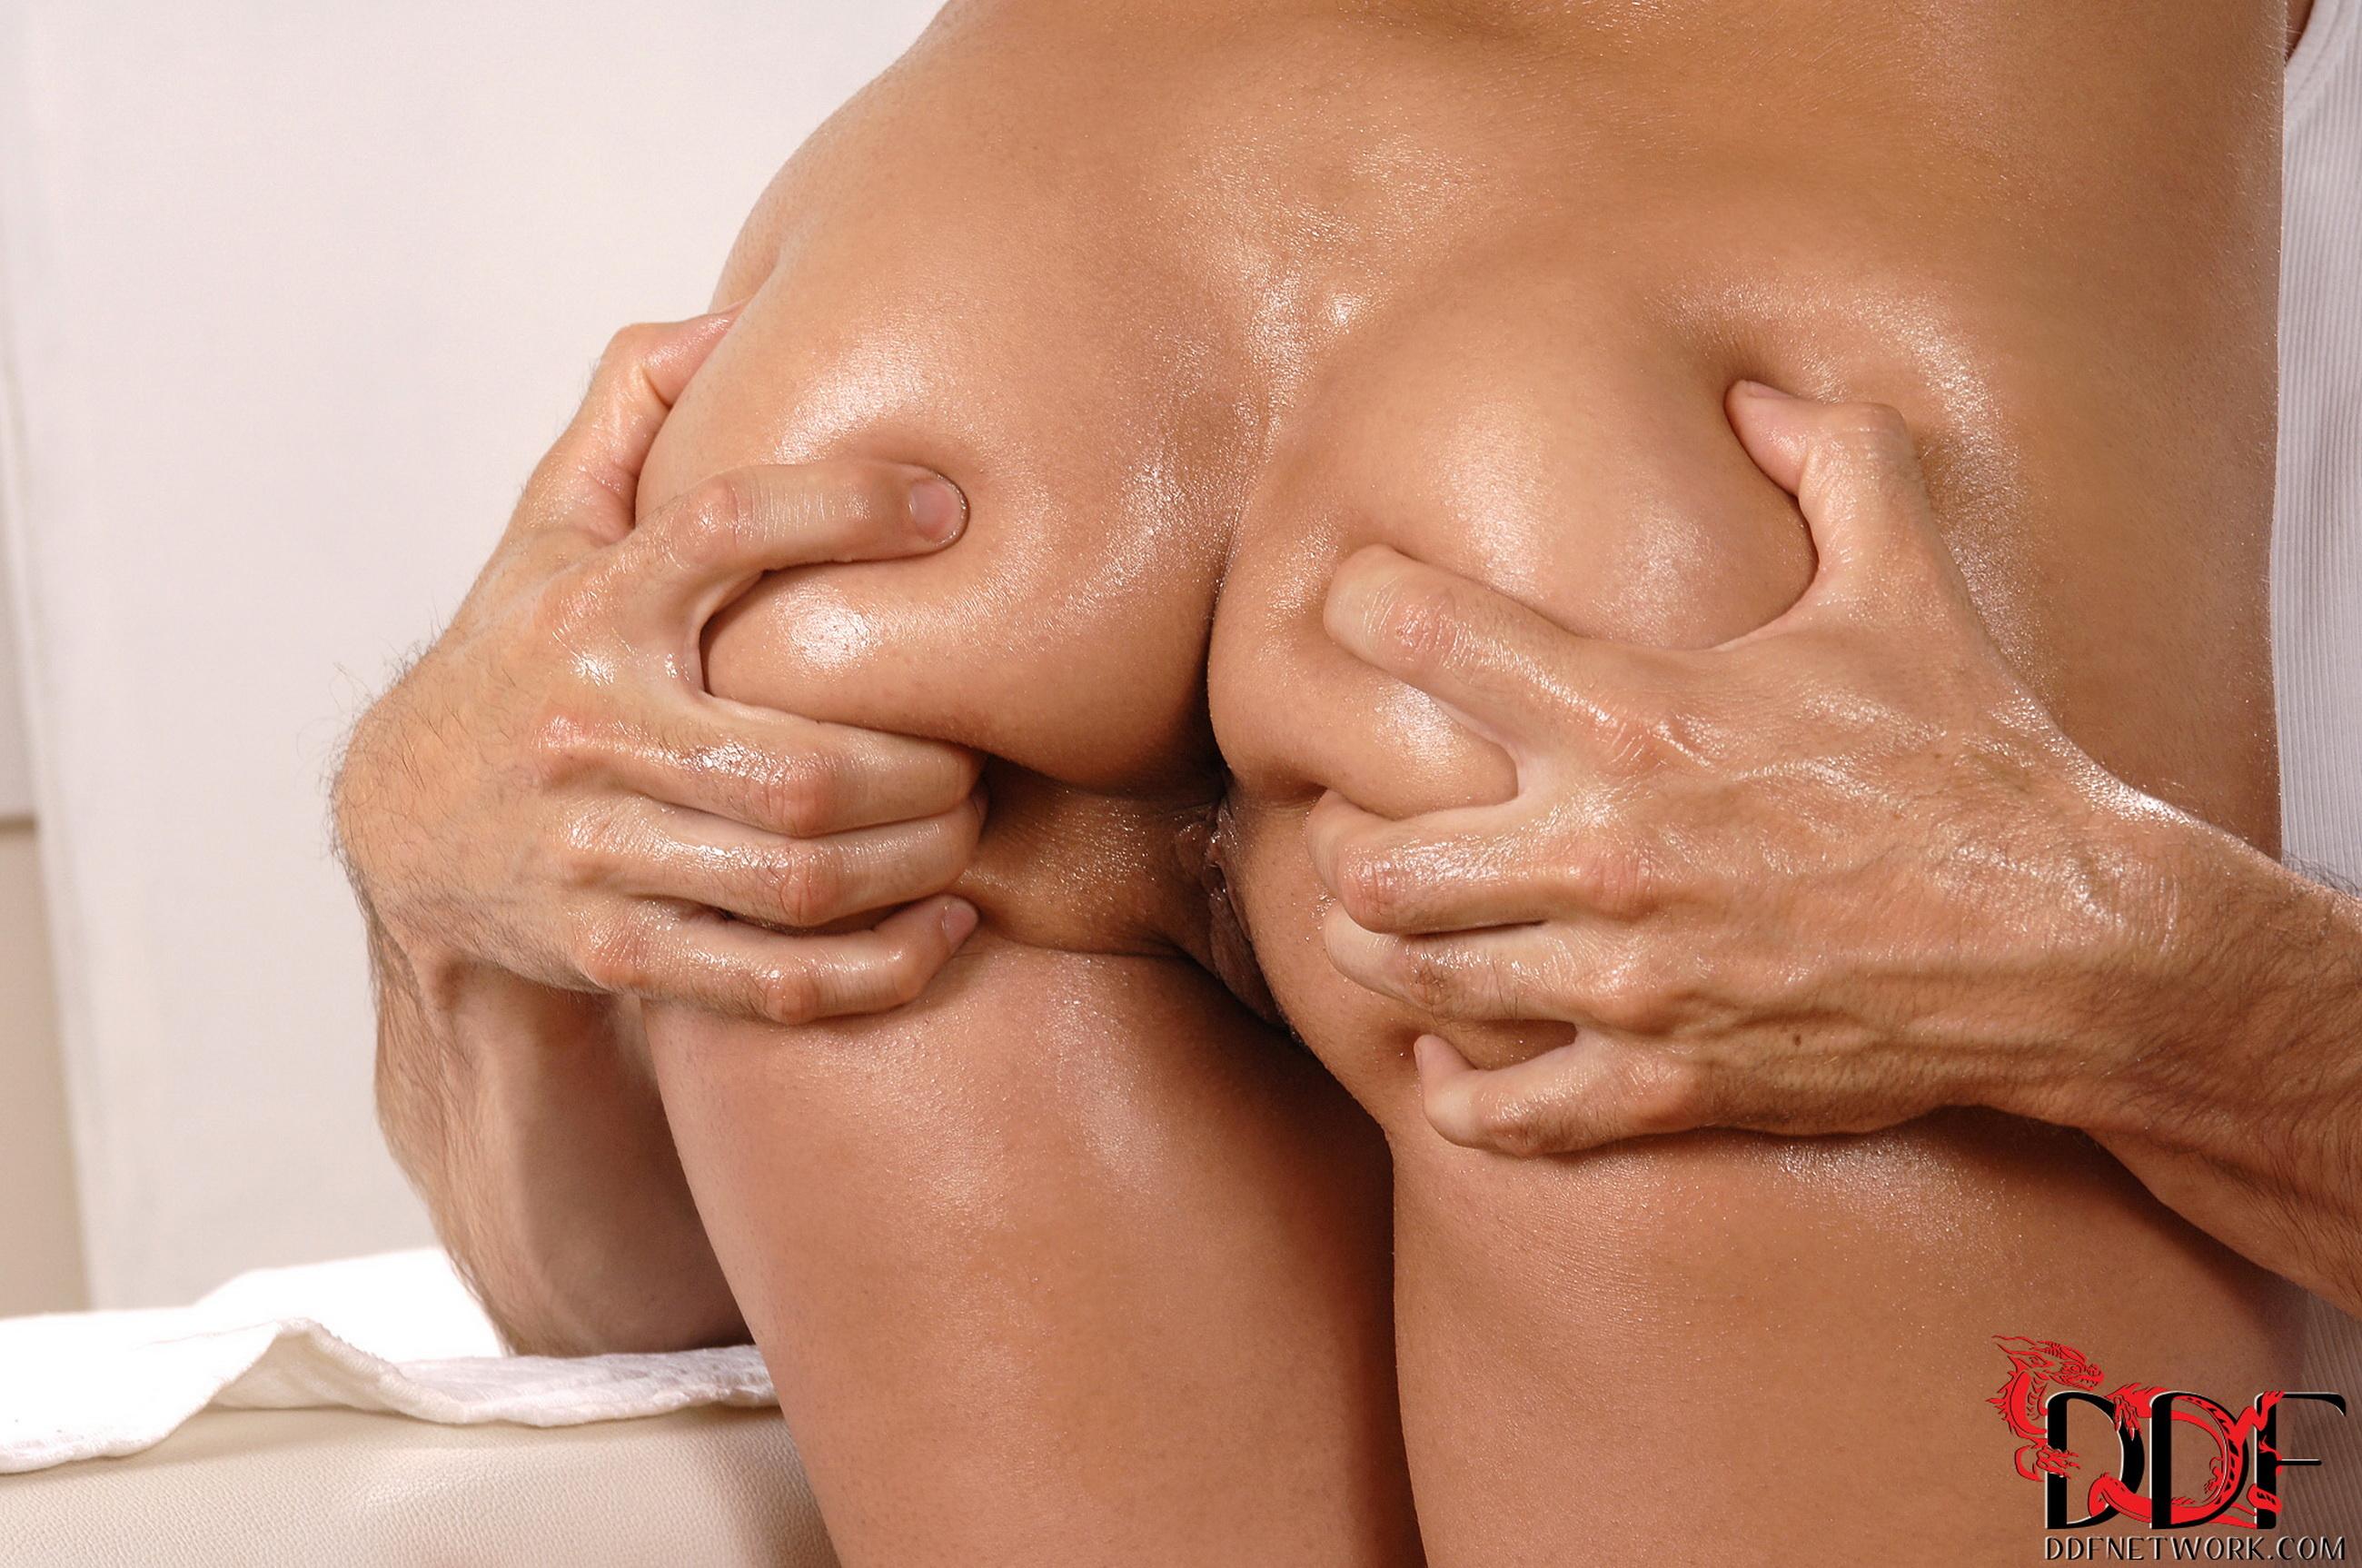 Сжимая задницу порно 17 фотография